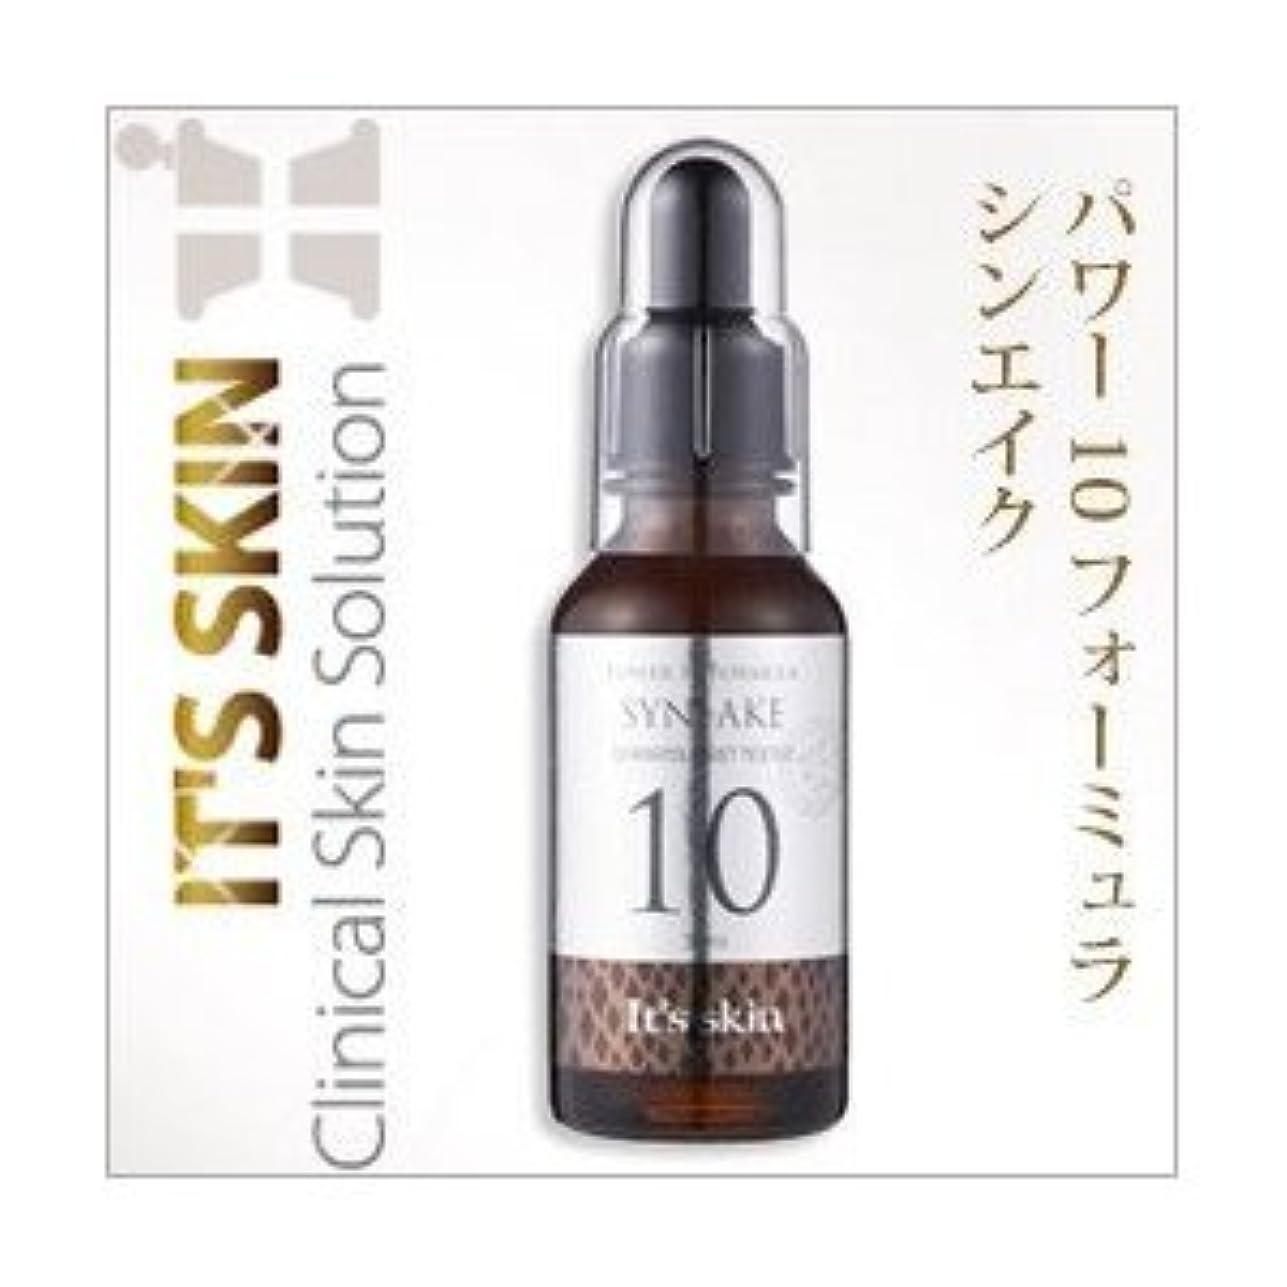 魂意味のある活性化するIt's skin/イッツスキン power 10 formula SYN-AKE パワー 10 フォーミュラ シンエイク (毒ヘビ) 30ml